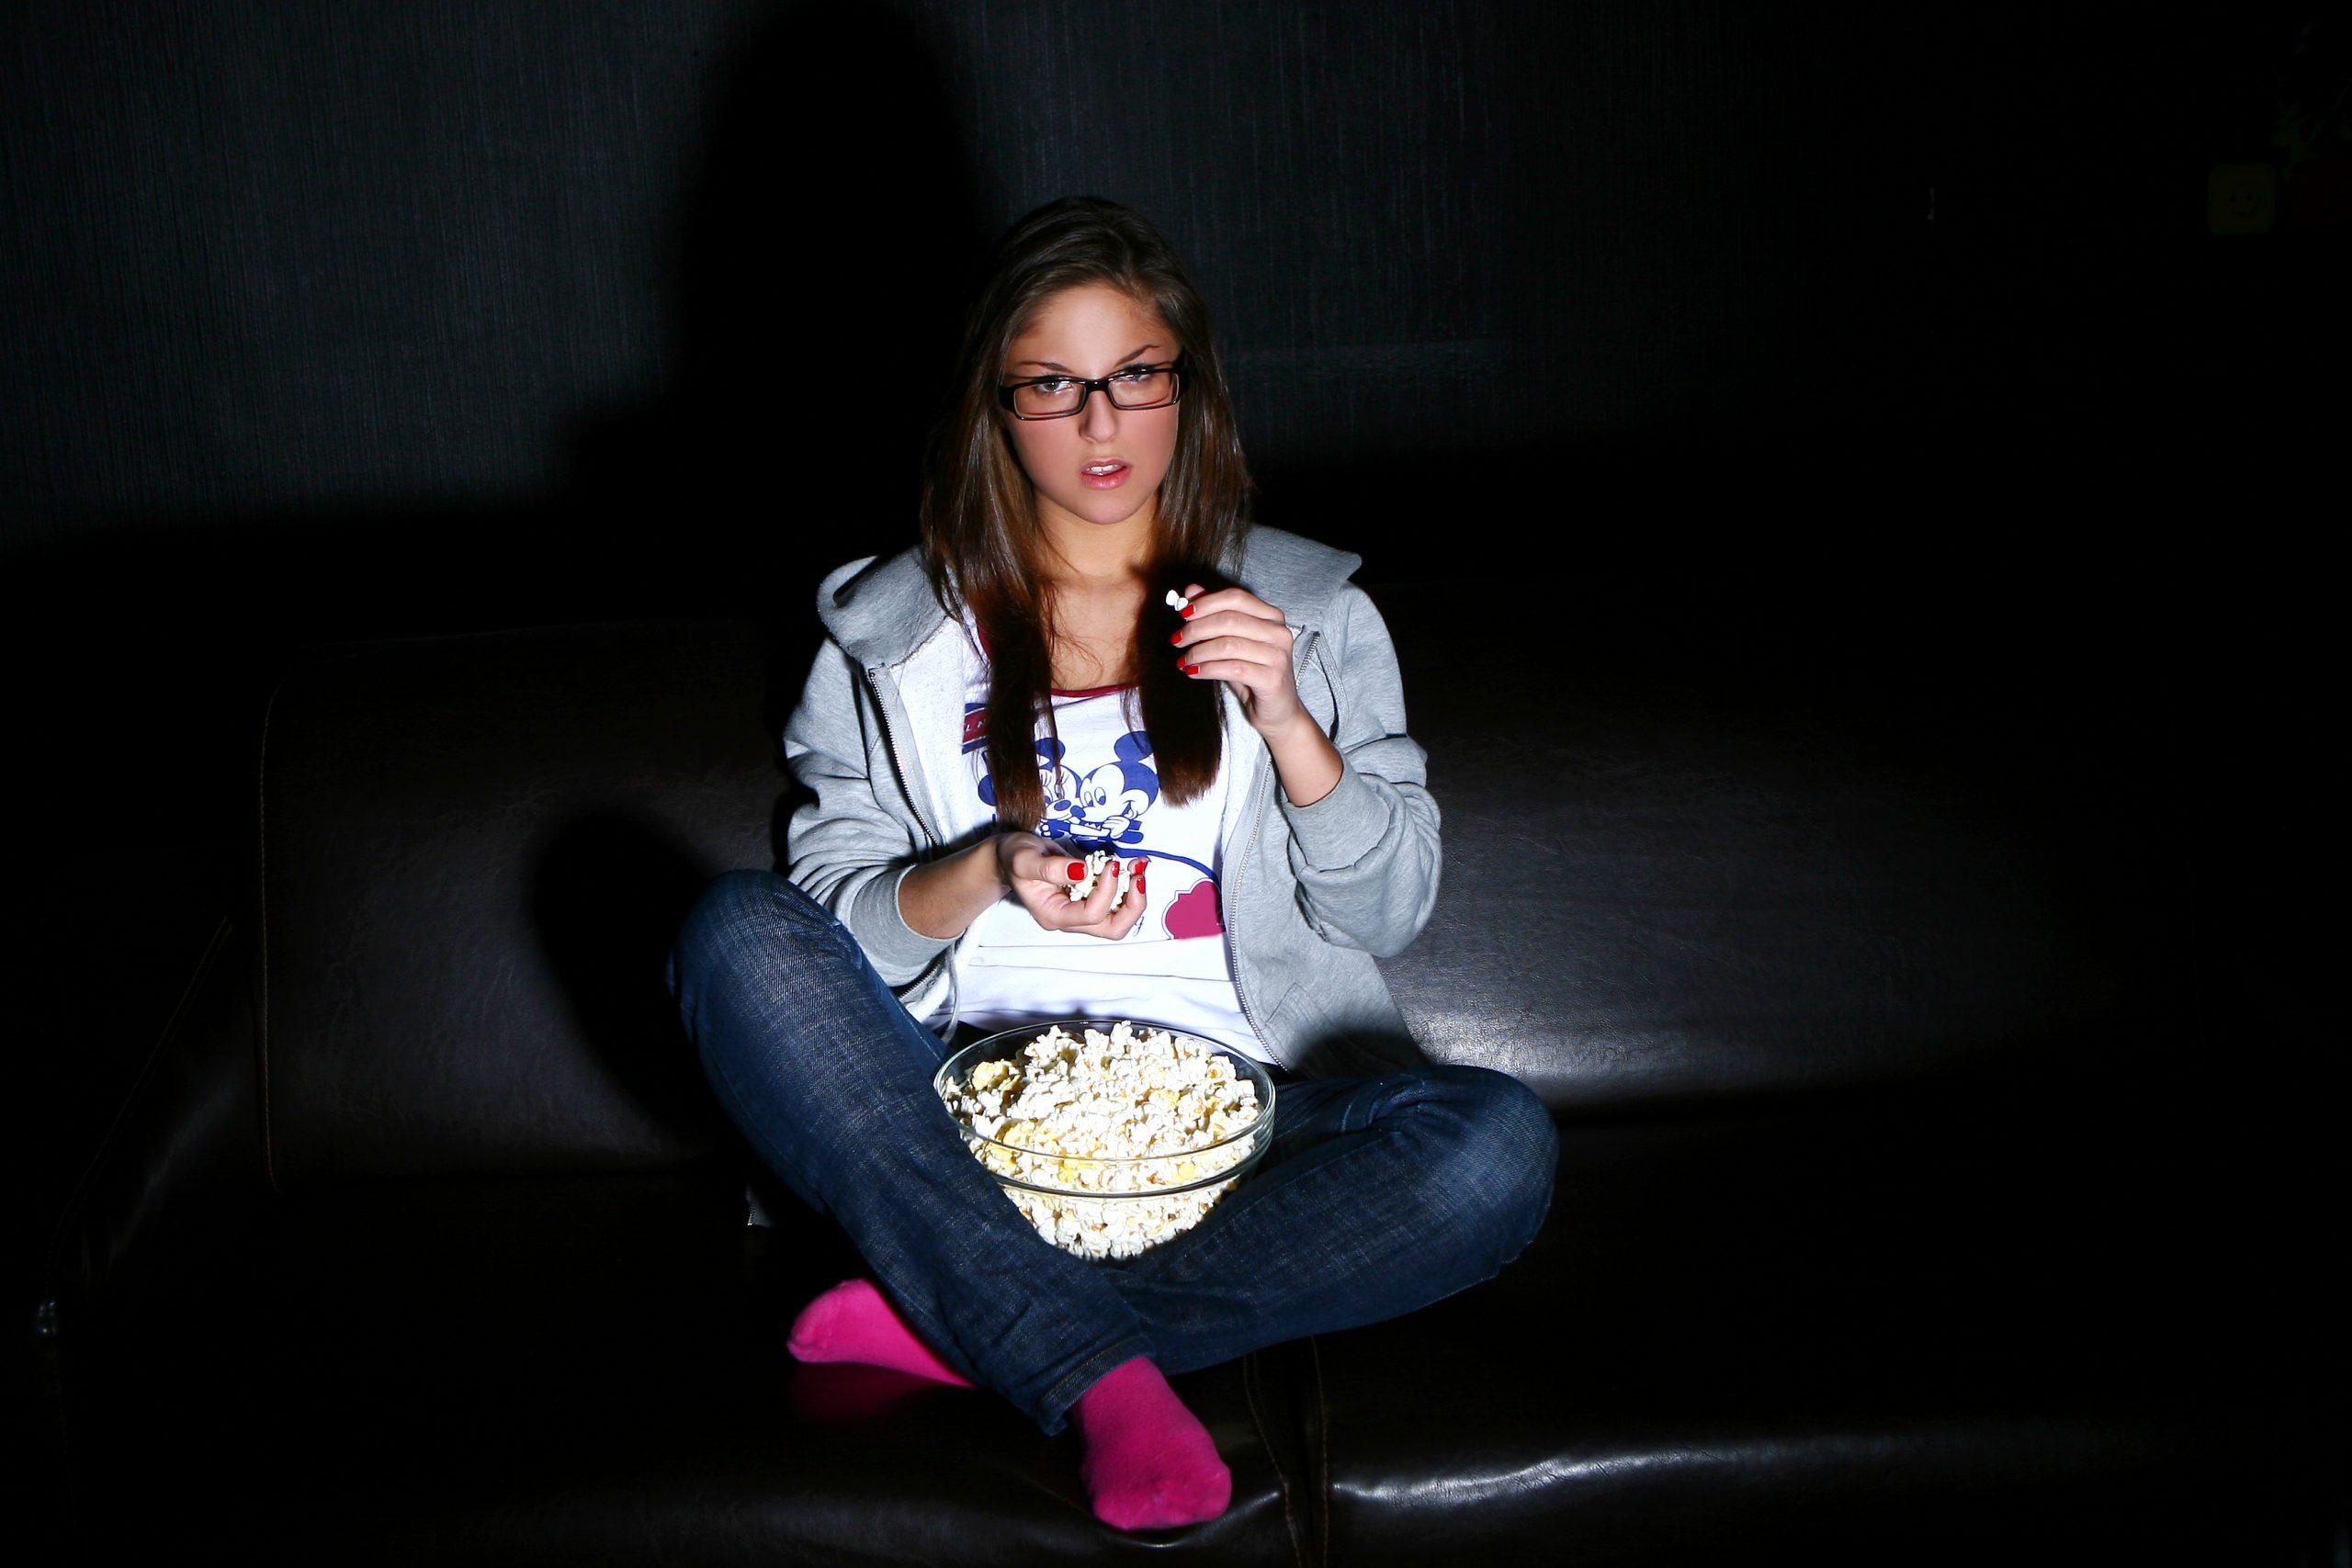 Тест: Какой жанр кино напоминает ваша жизнь?